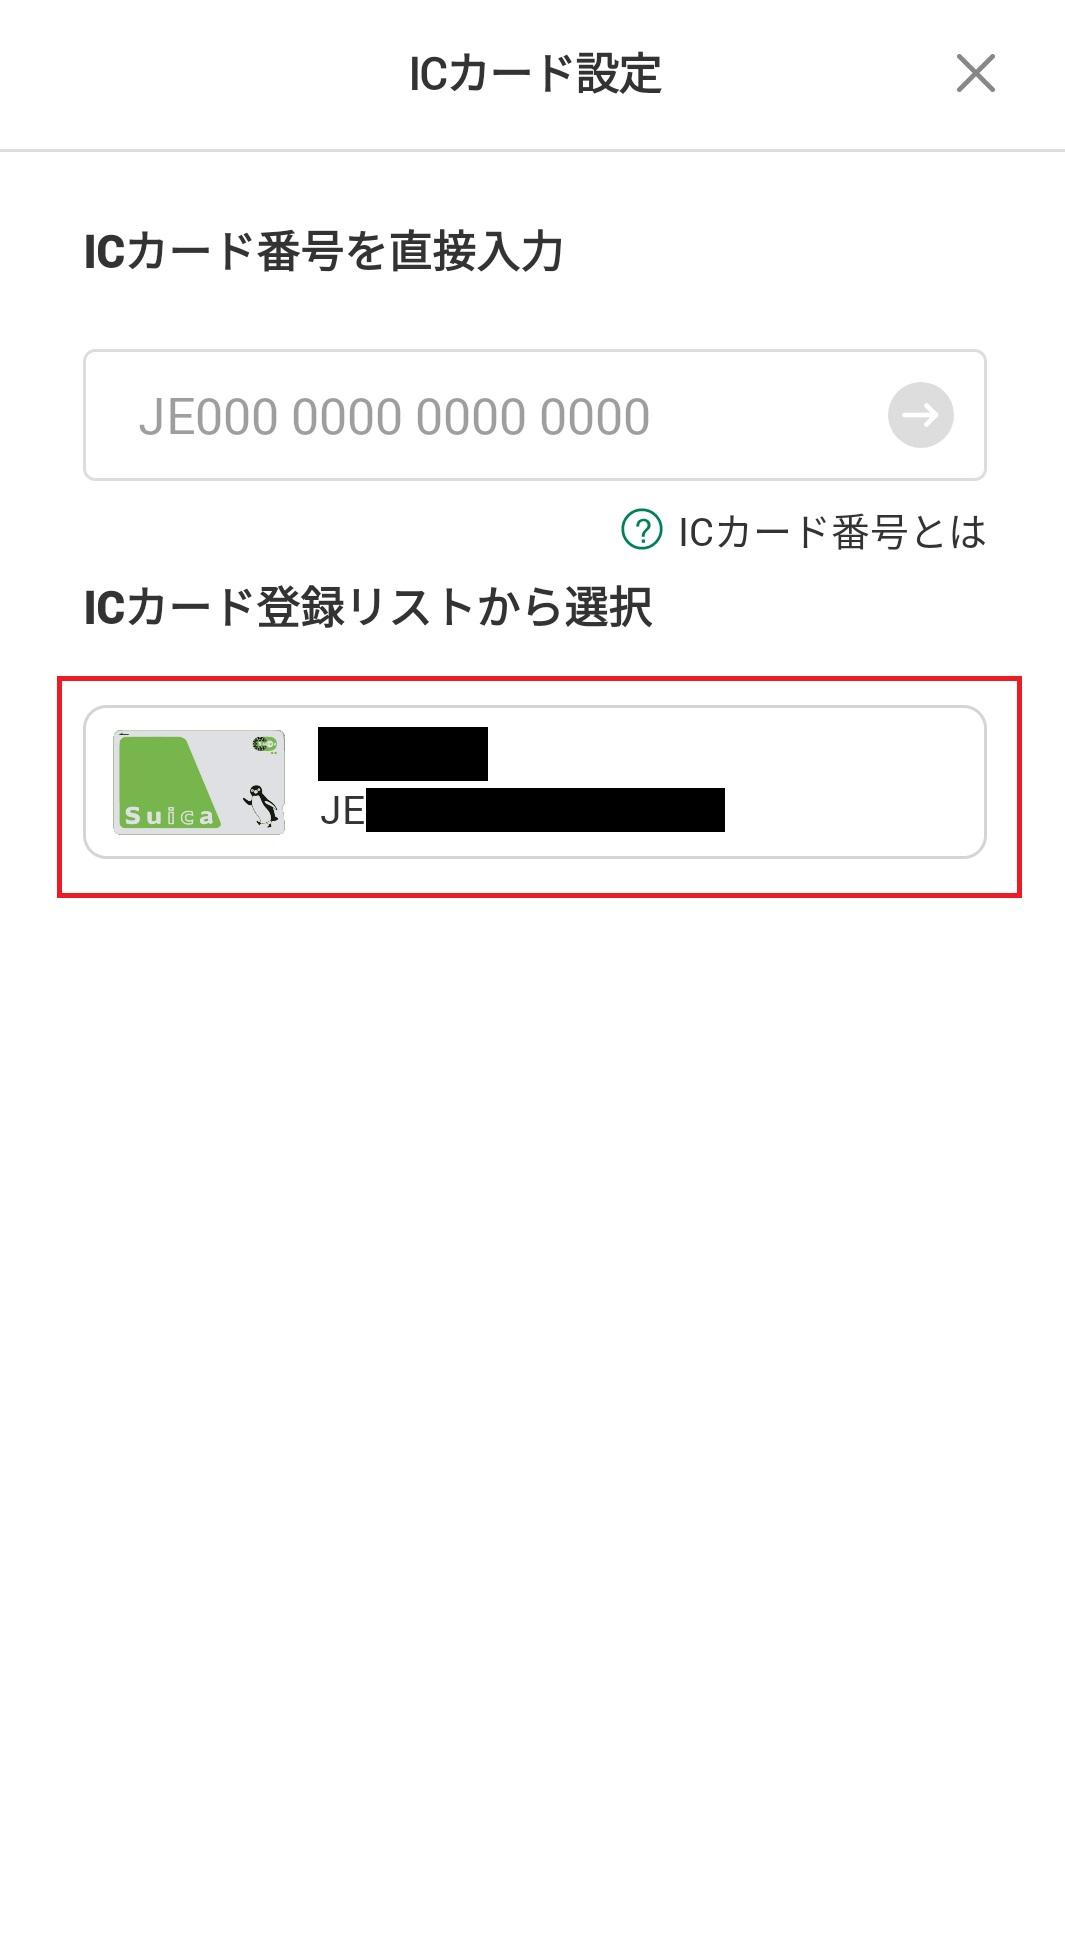 えきねっとアプリ「事前に登録したSuica」を選択